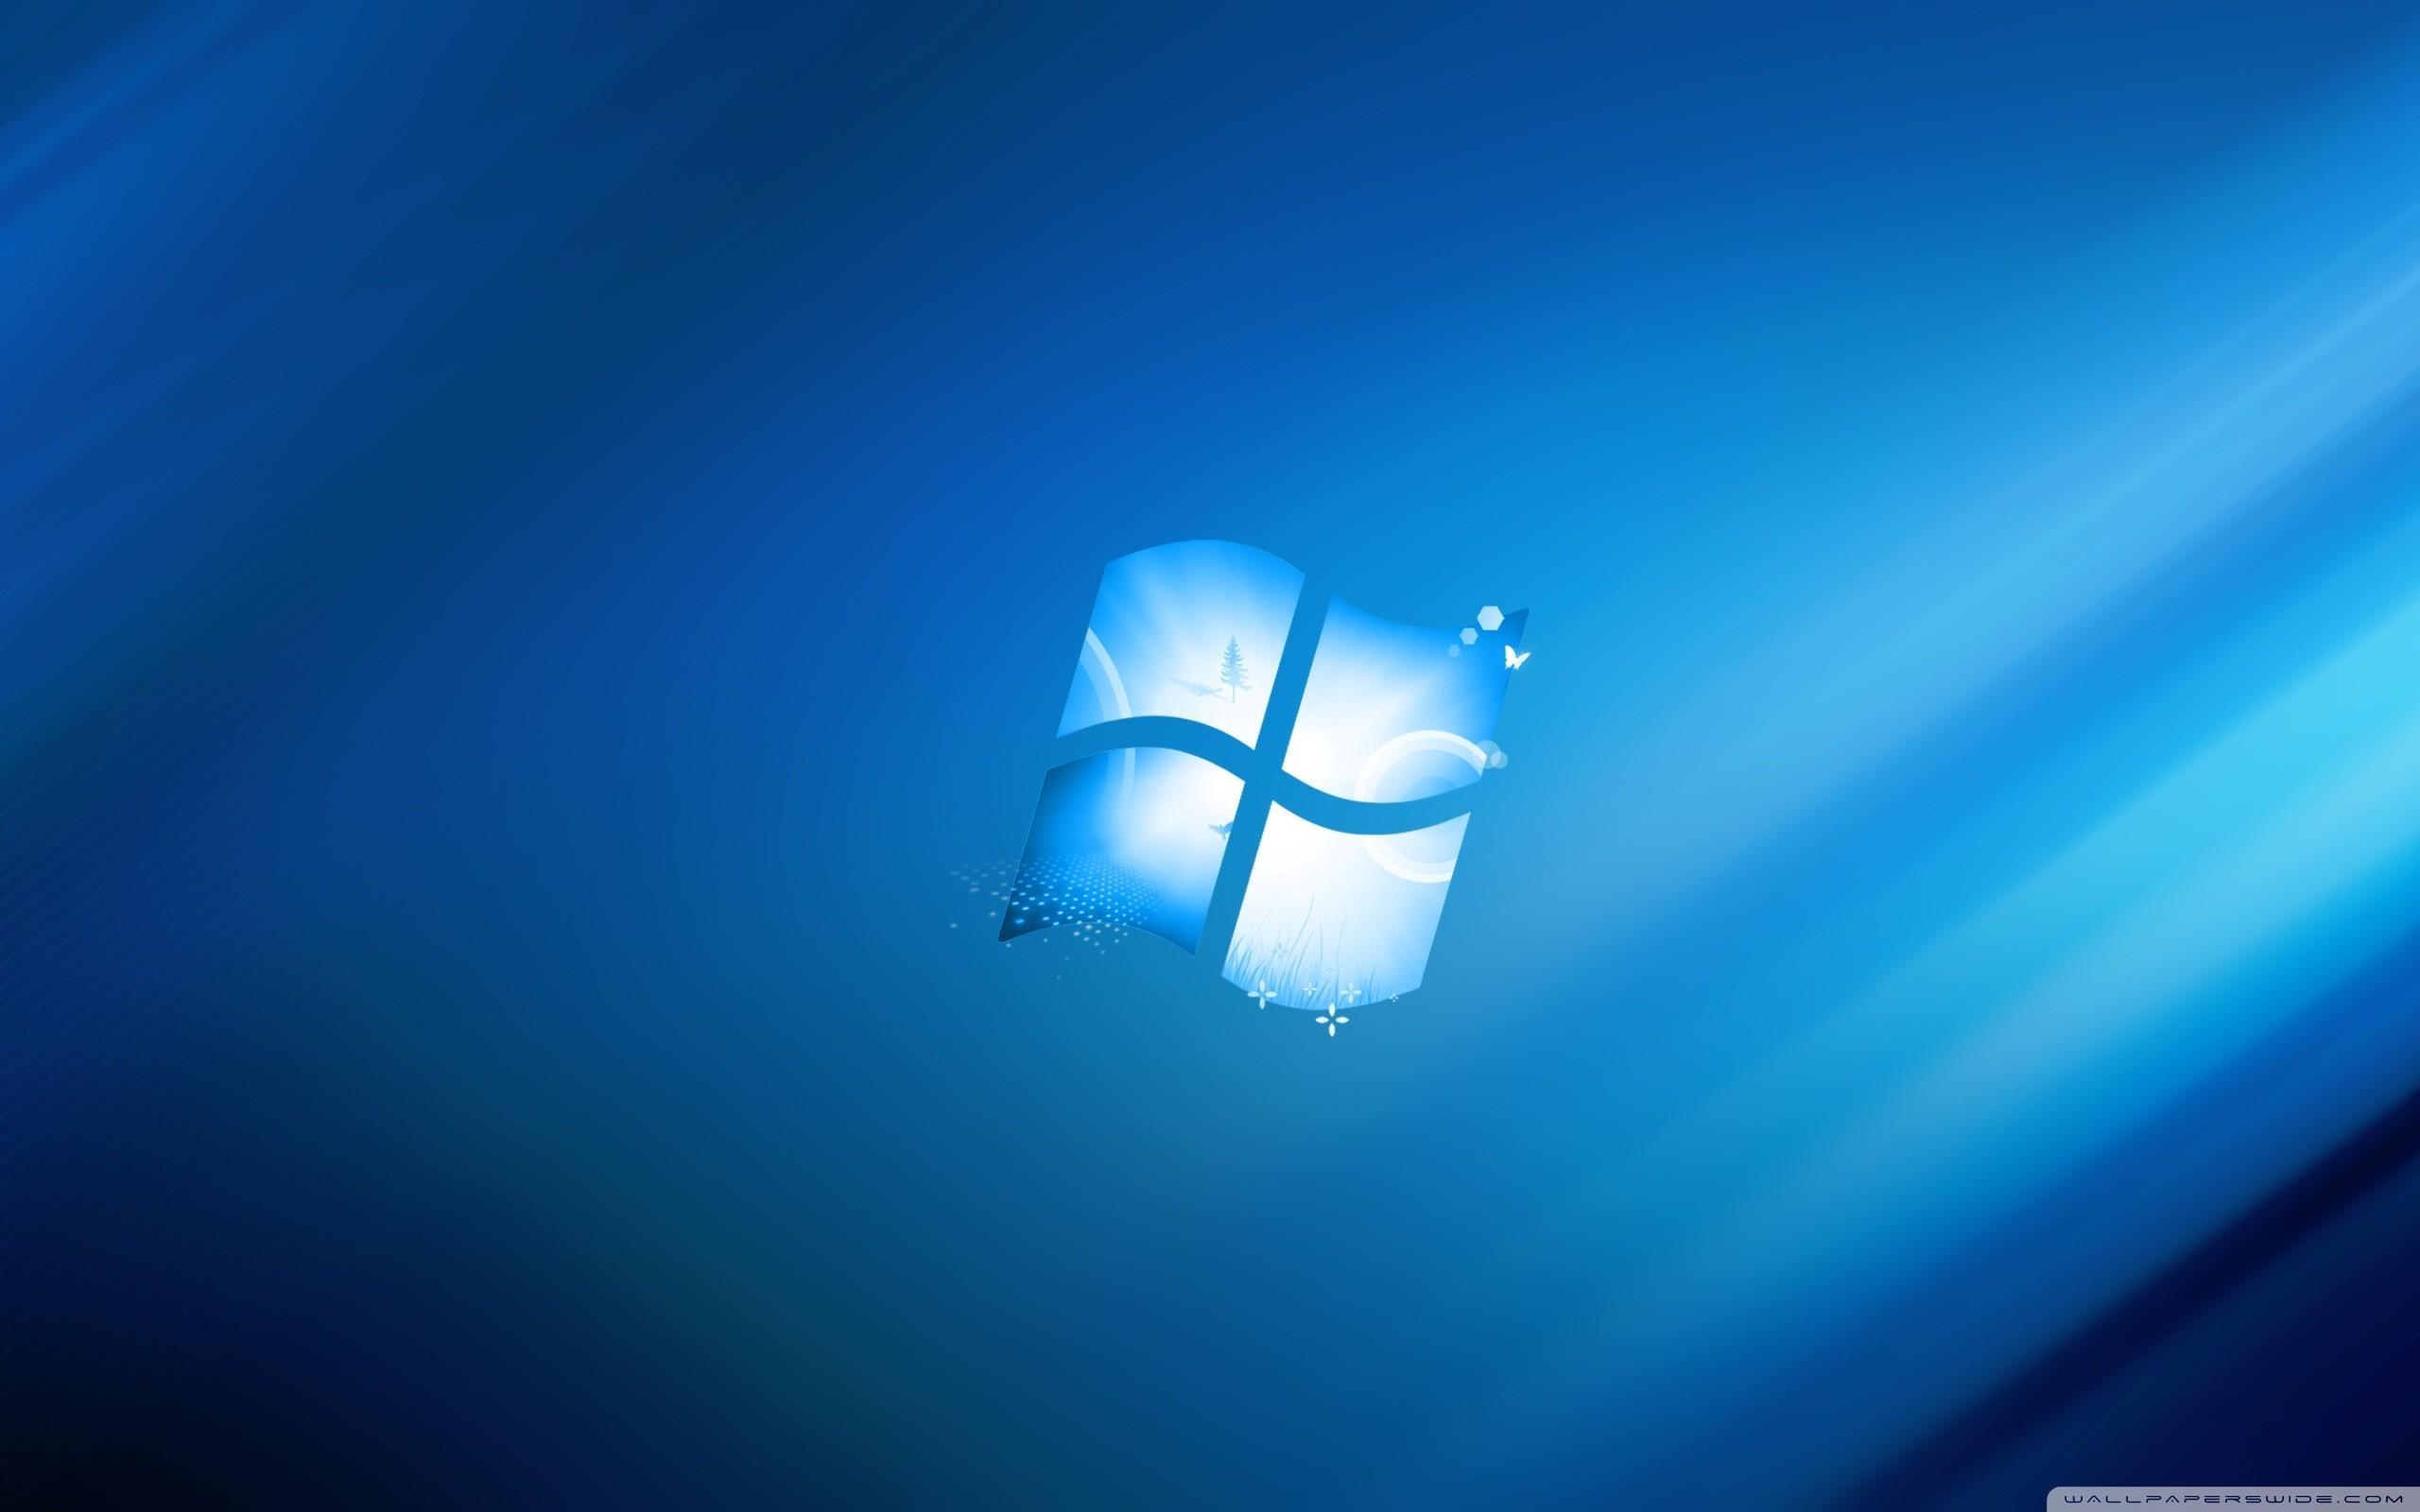 Desktop Backgrounds Hd For Windows   Data Src Widescreen - Desktop Best Wallpaper Hd - HD Wallpaper